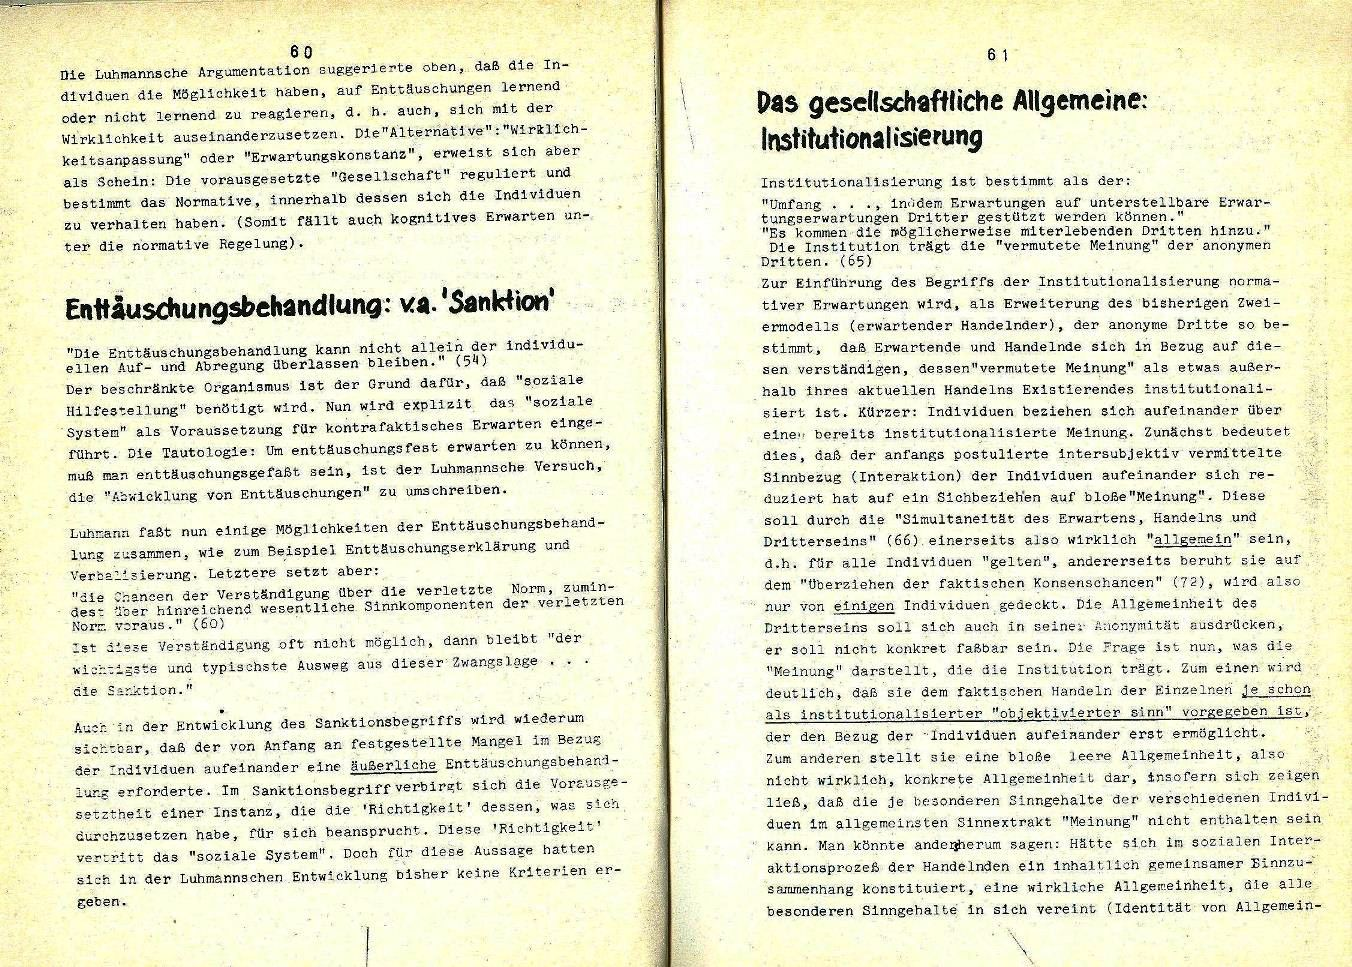 Muenchen_AK_Sozialistisches_Studium032